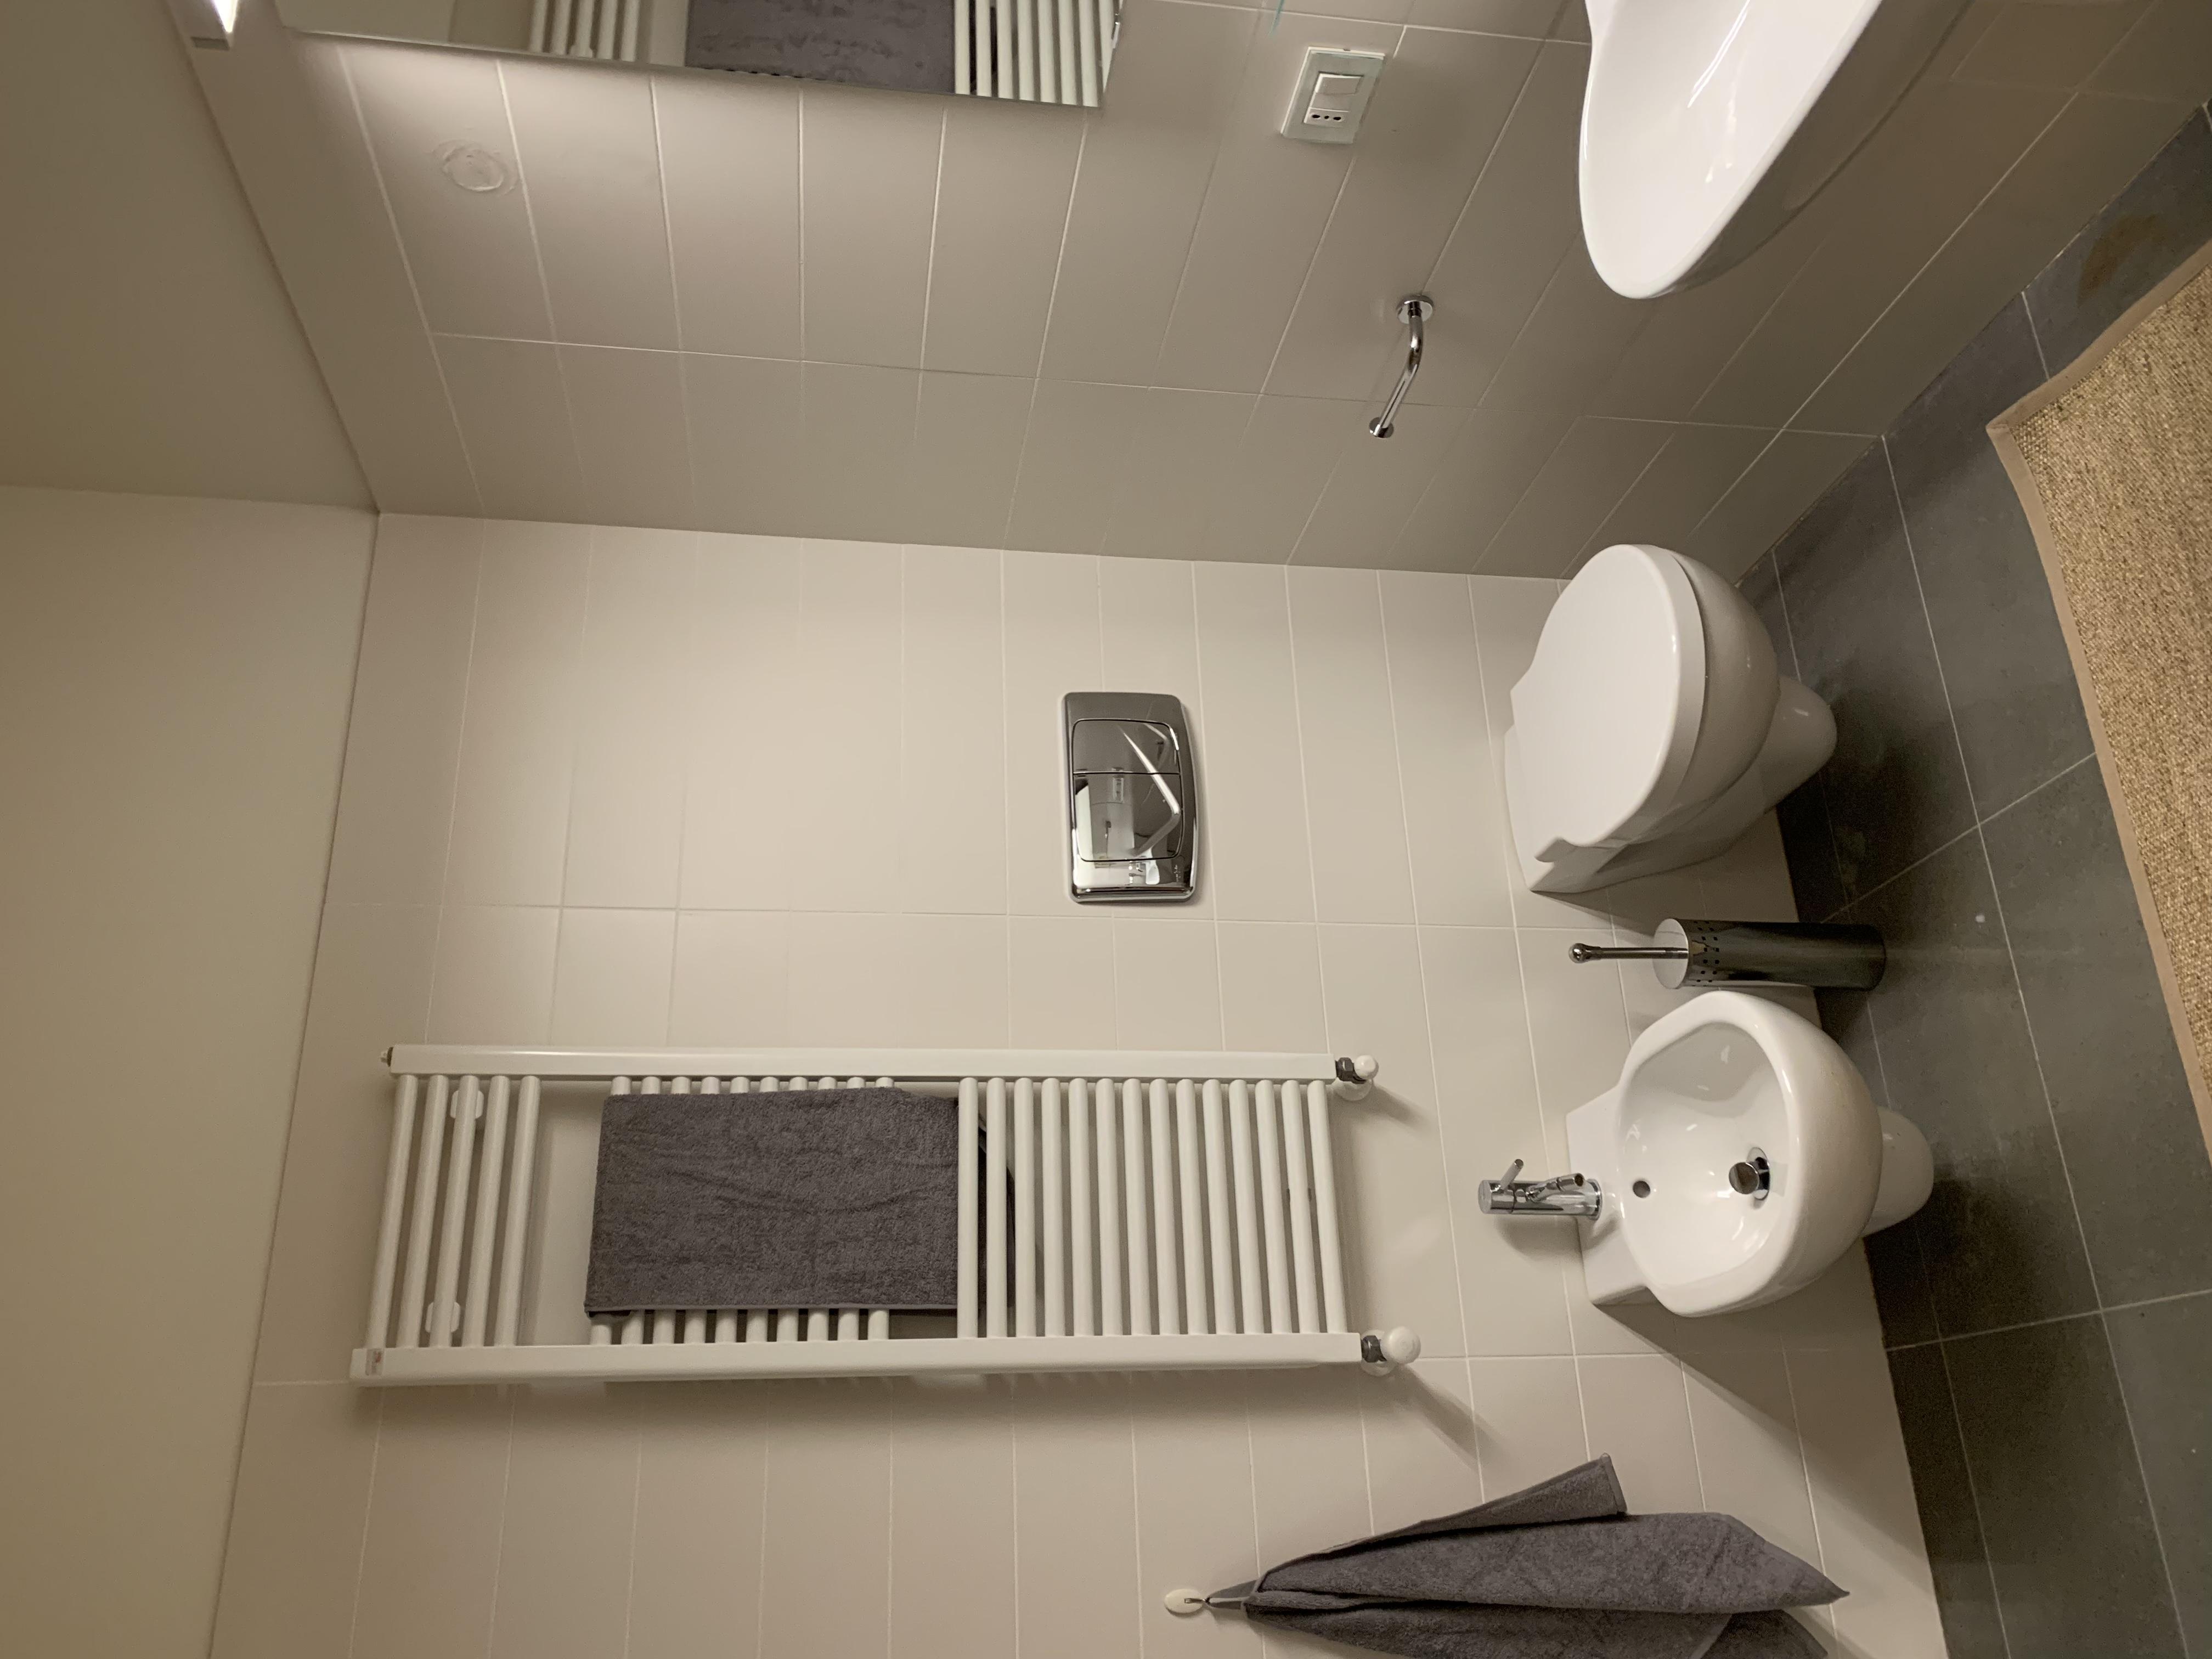 Aria Condizionata Canalizzata prestige tergesteo center - apartments for rent in trieste